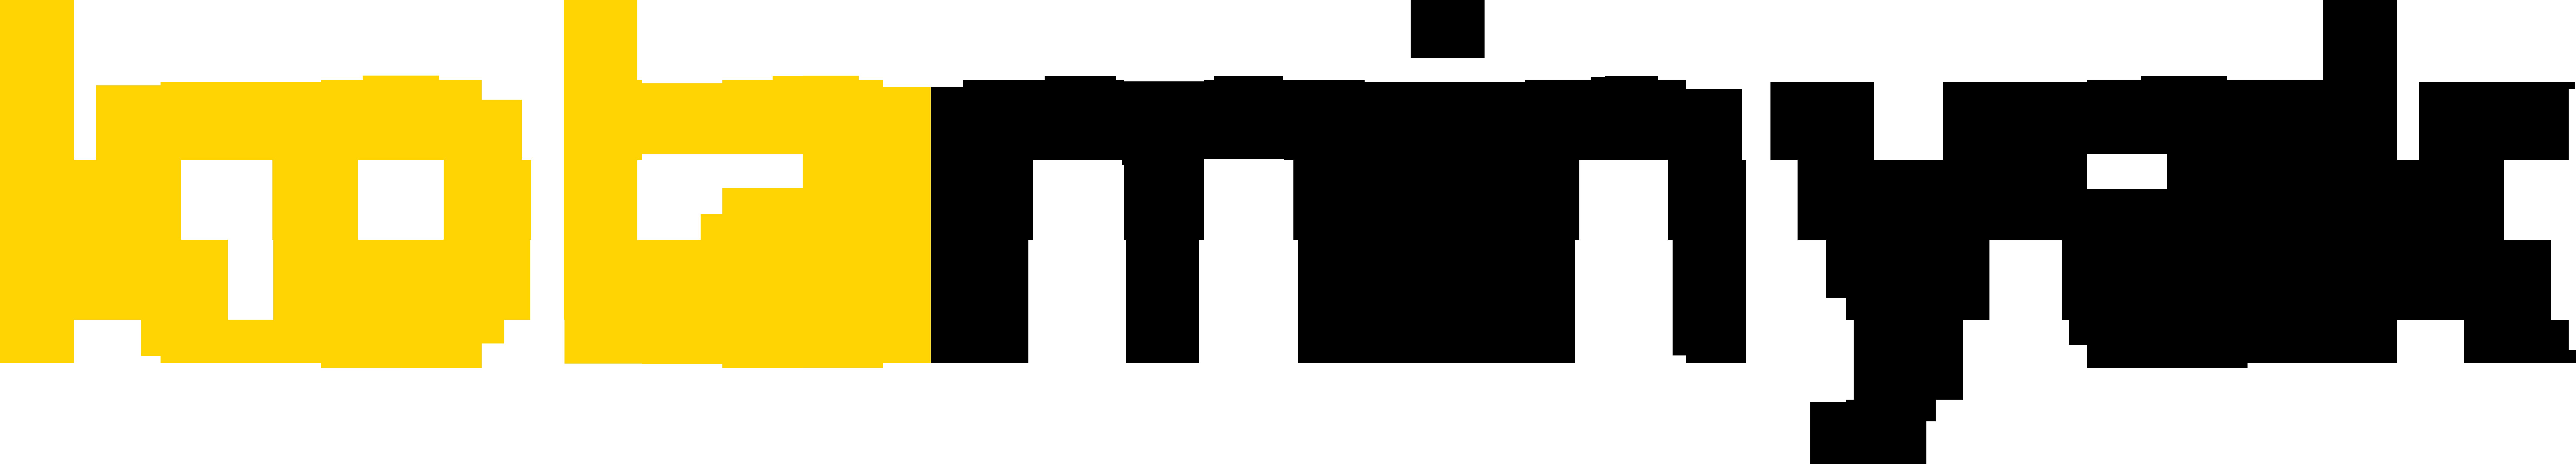 Kotaminyak Internusa